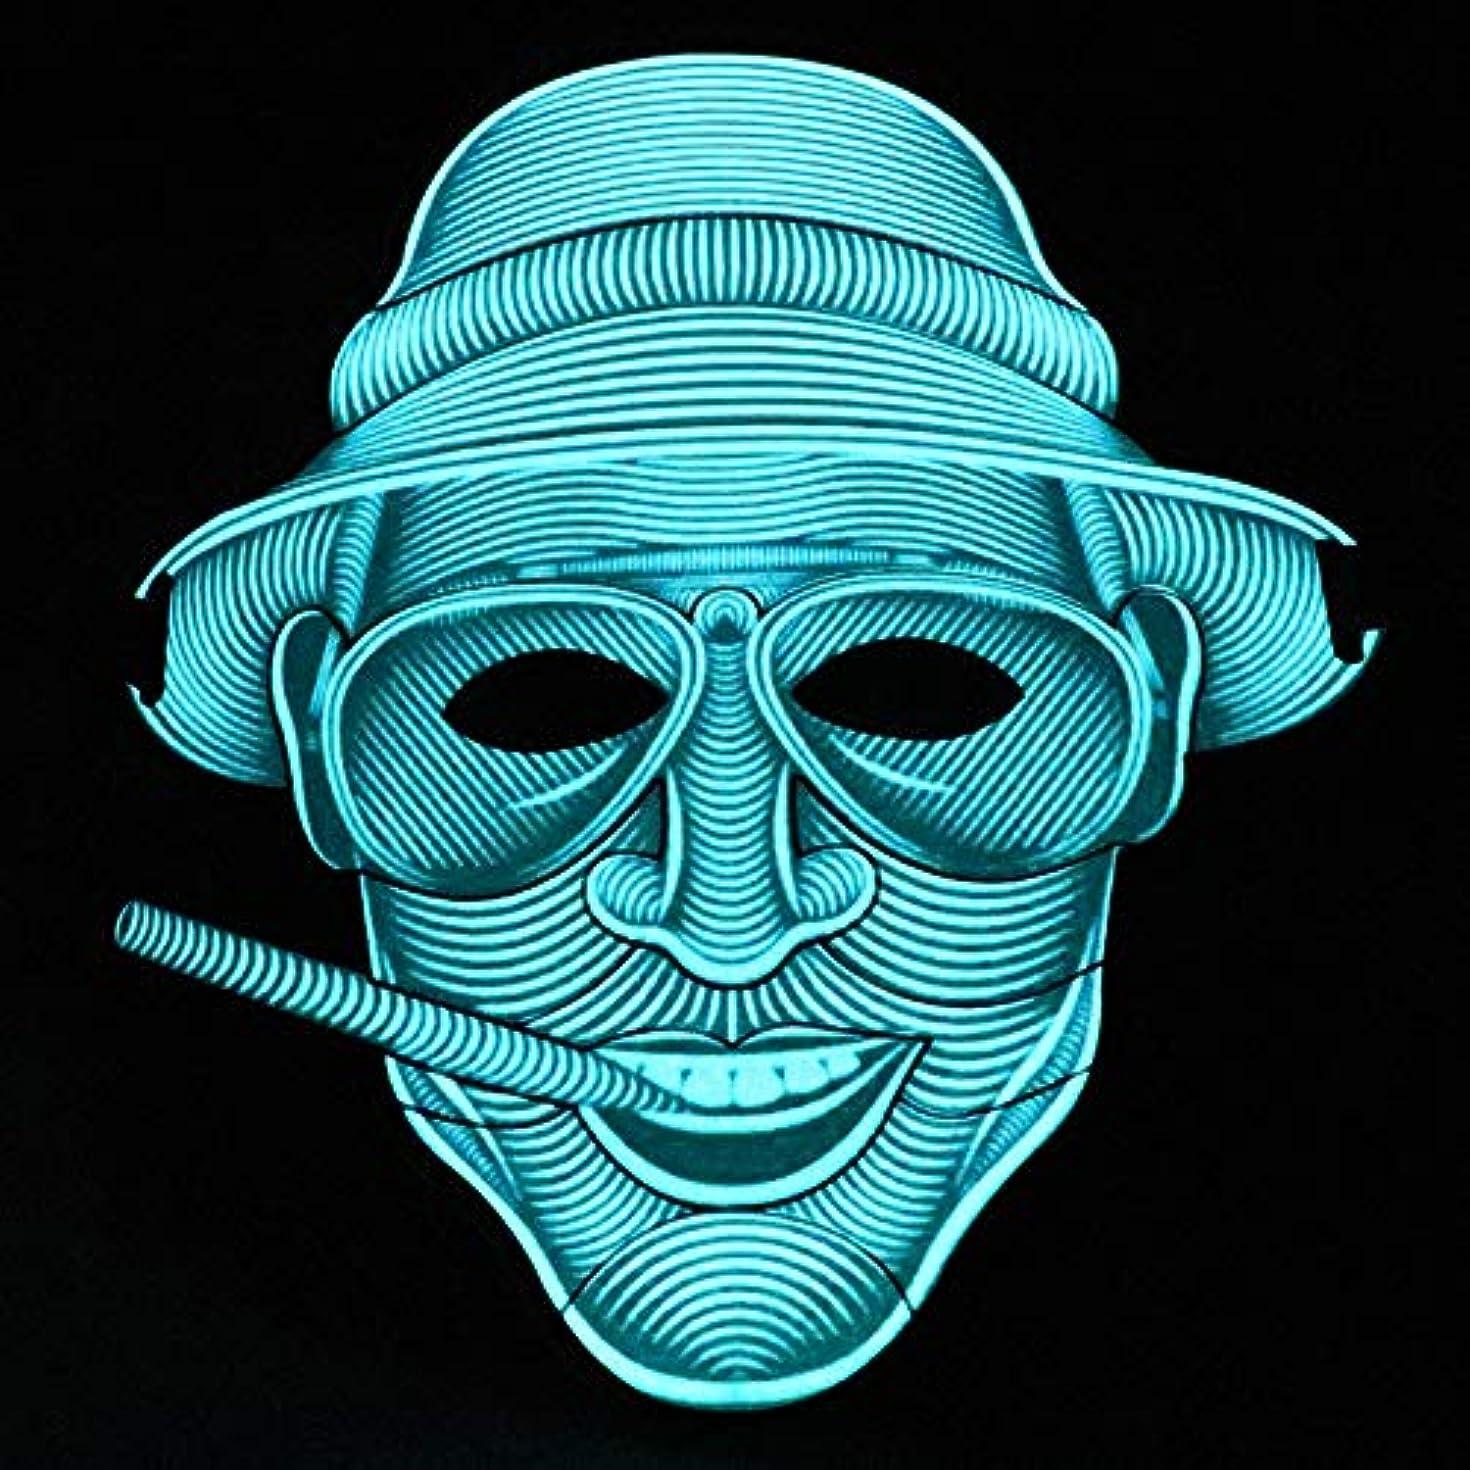 後継ルート見習い照らされたマスクLED創造的な冷光音響制御マスクハロウィンバーフェスティバルダンスマスク (Color : #8)